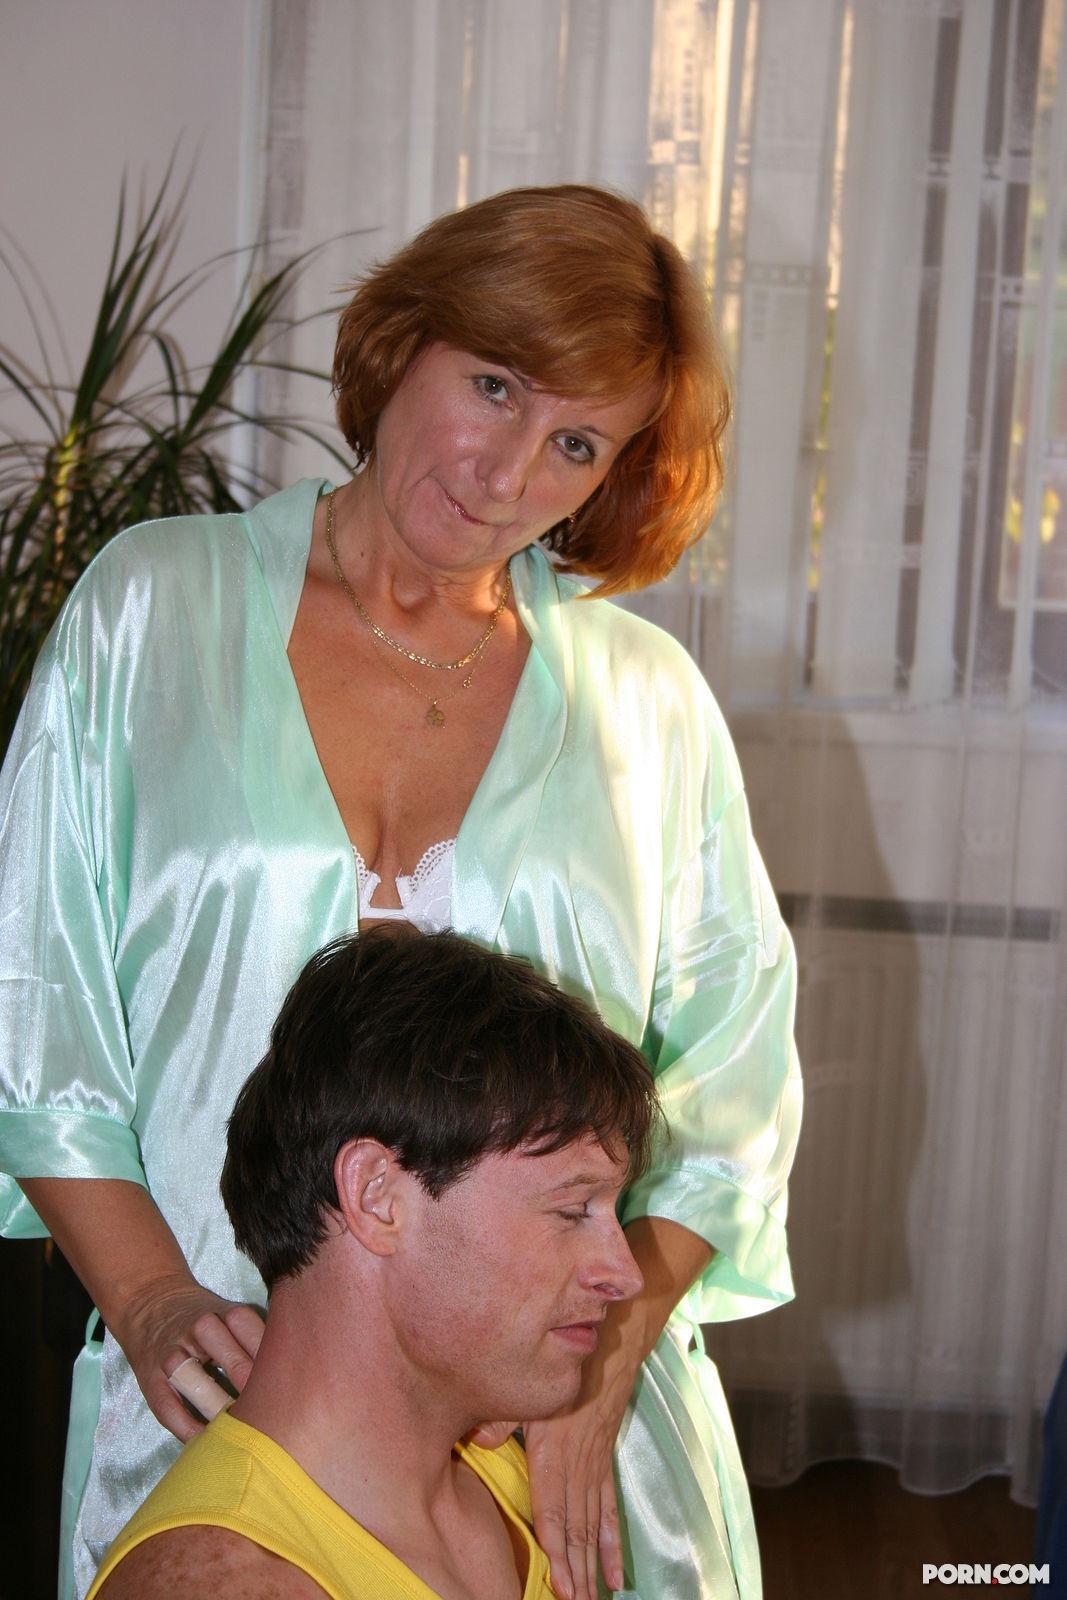 Порно зрелая тетка и молодой любовник — pic 2